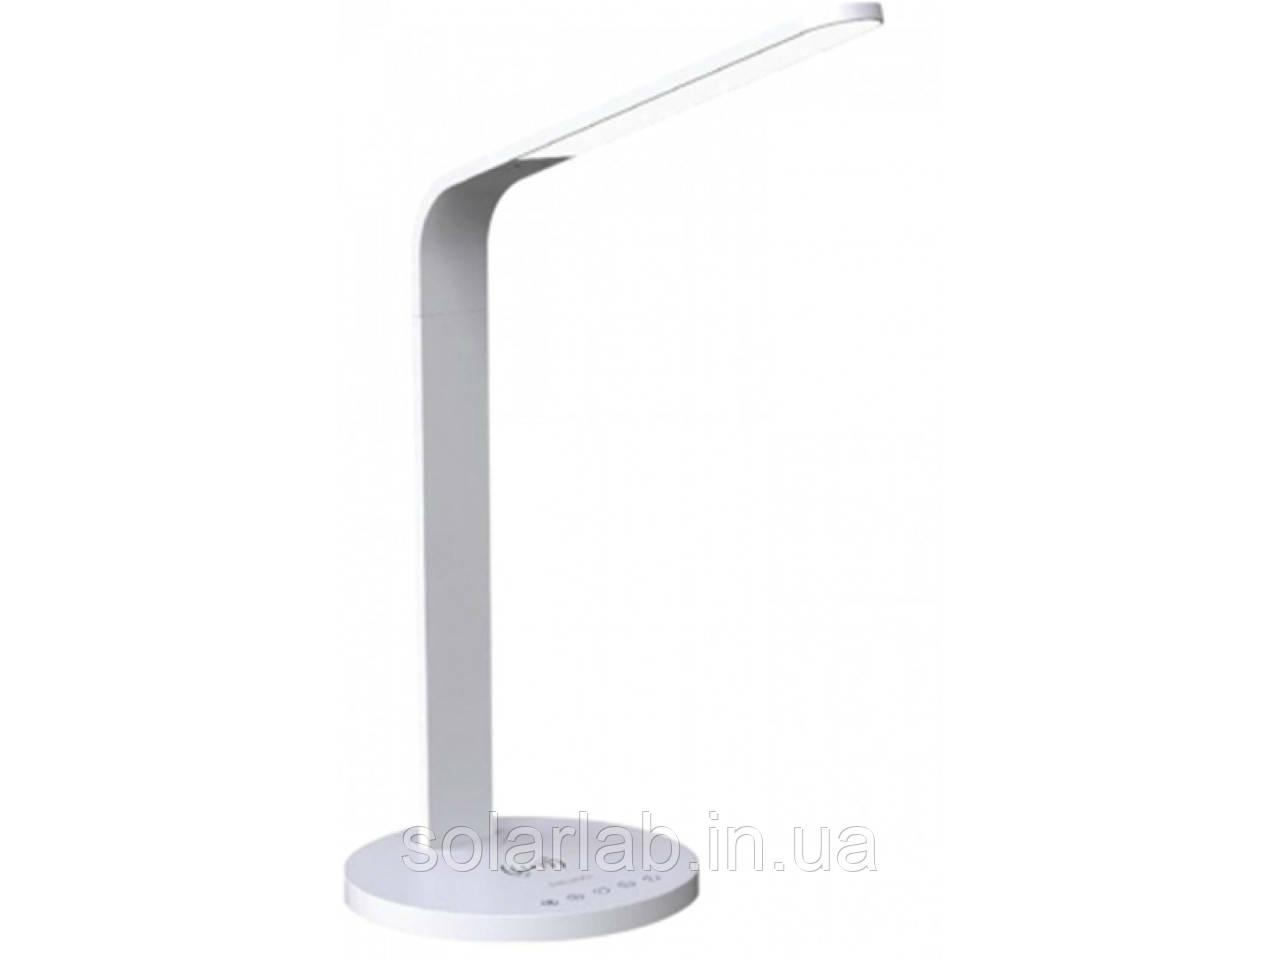 Настольный светильник LED V-TAC, 5W, SKU-8601, 230V, 3000-5000К, белый